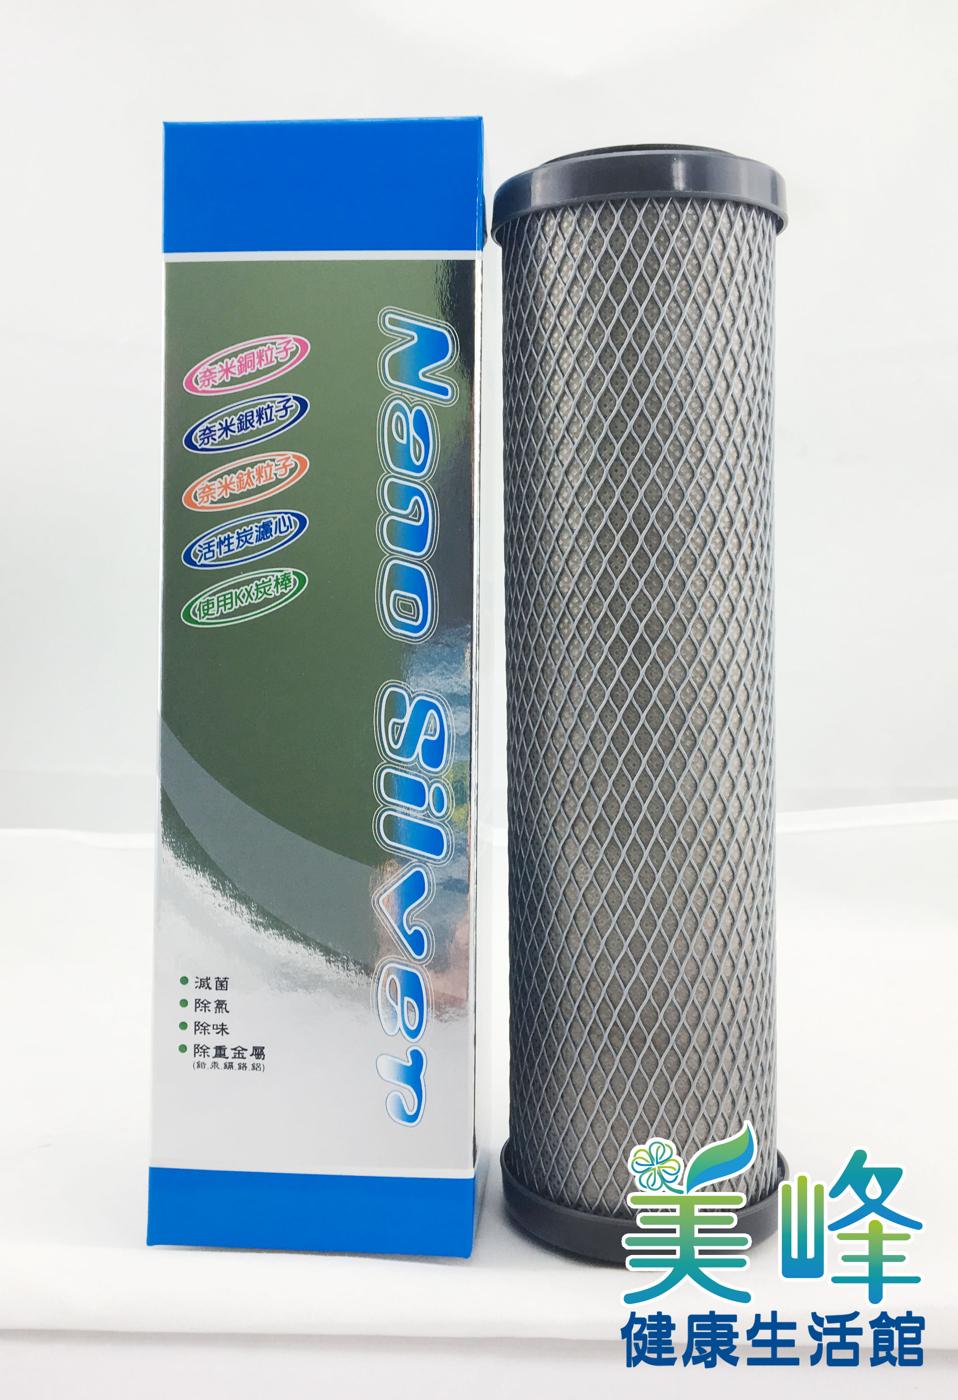 濾水器美國KX牌濾心ACT銀銅鈦薄膜捲繞式壓縮活性碳CTO通過SGS認證,抗菌除重金屬濾心800元